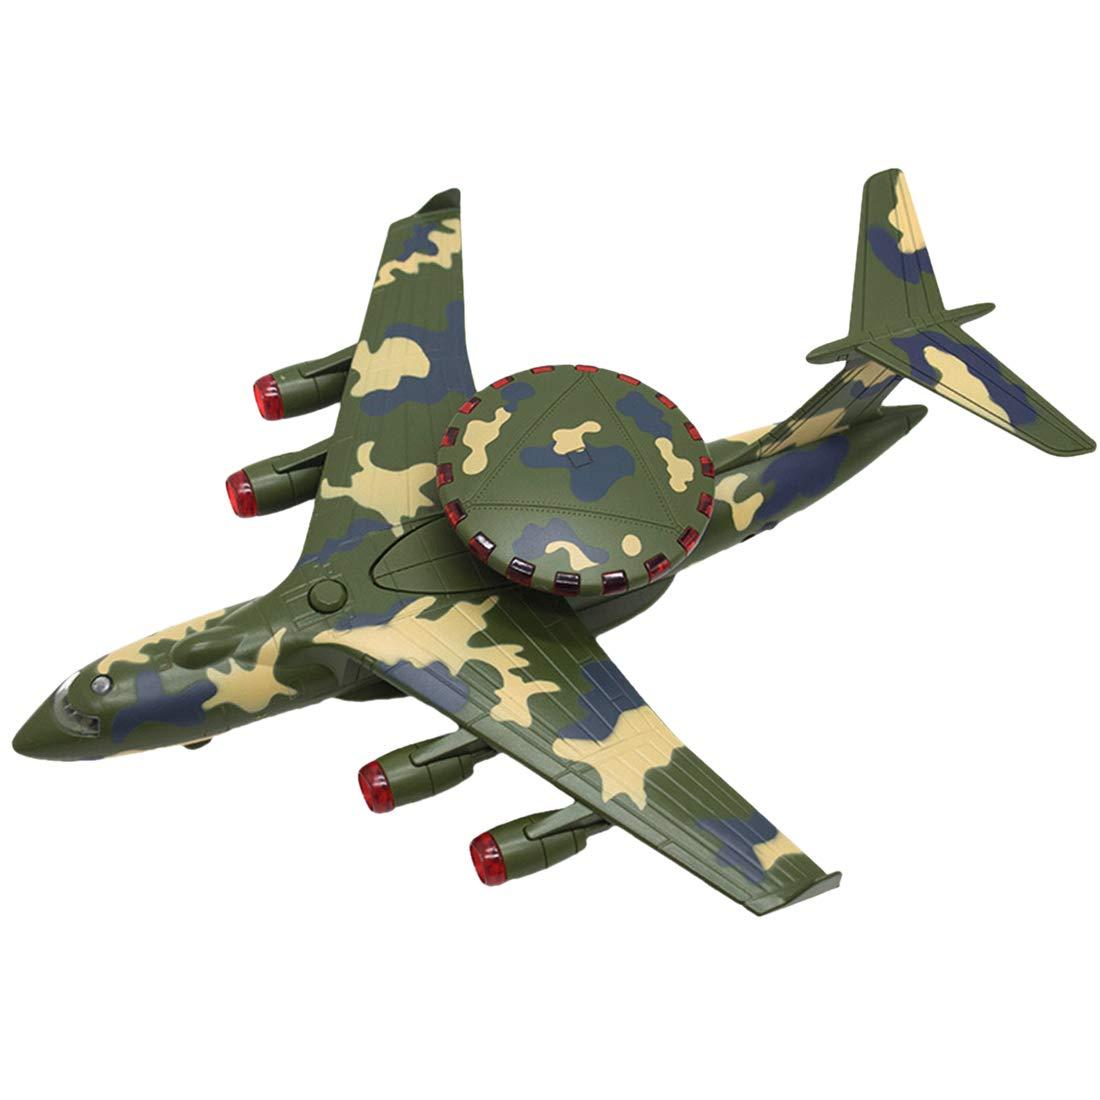 2019人気No.1の HMANE ミリタリー 合金 プルバック シミュレーション ファイター アームド ポーリース 1 バッドライダー - 2000 2000 モデル 教育玩具 サウンド照明 - グリーン 1 set 116602BMKZ B07JQ2LL9D Military Fighter 1 set 1 set|Military Fighter, 一勝堂:e02887c8 --- sinefi.org.br